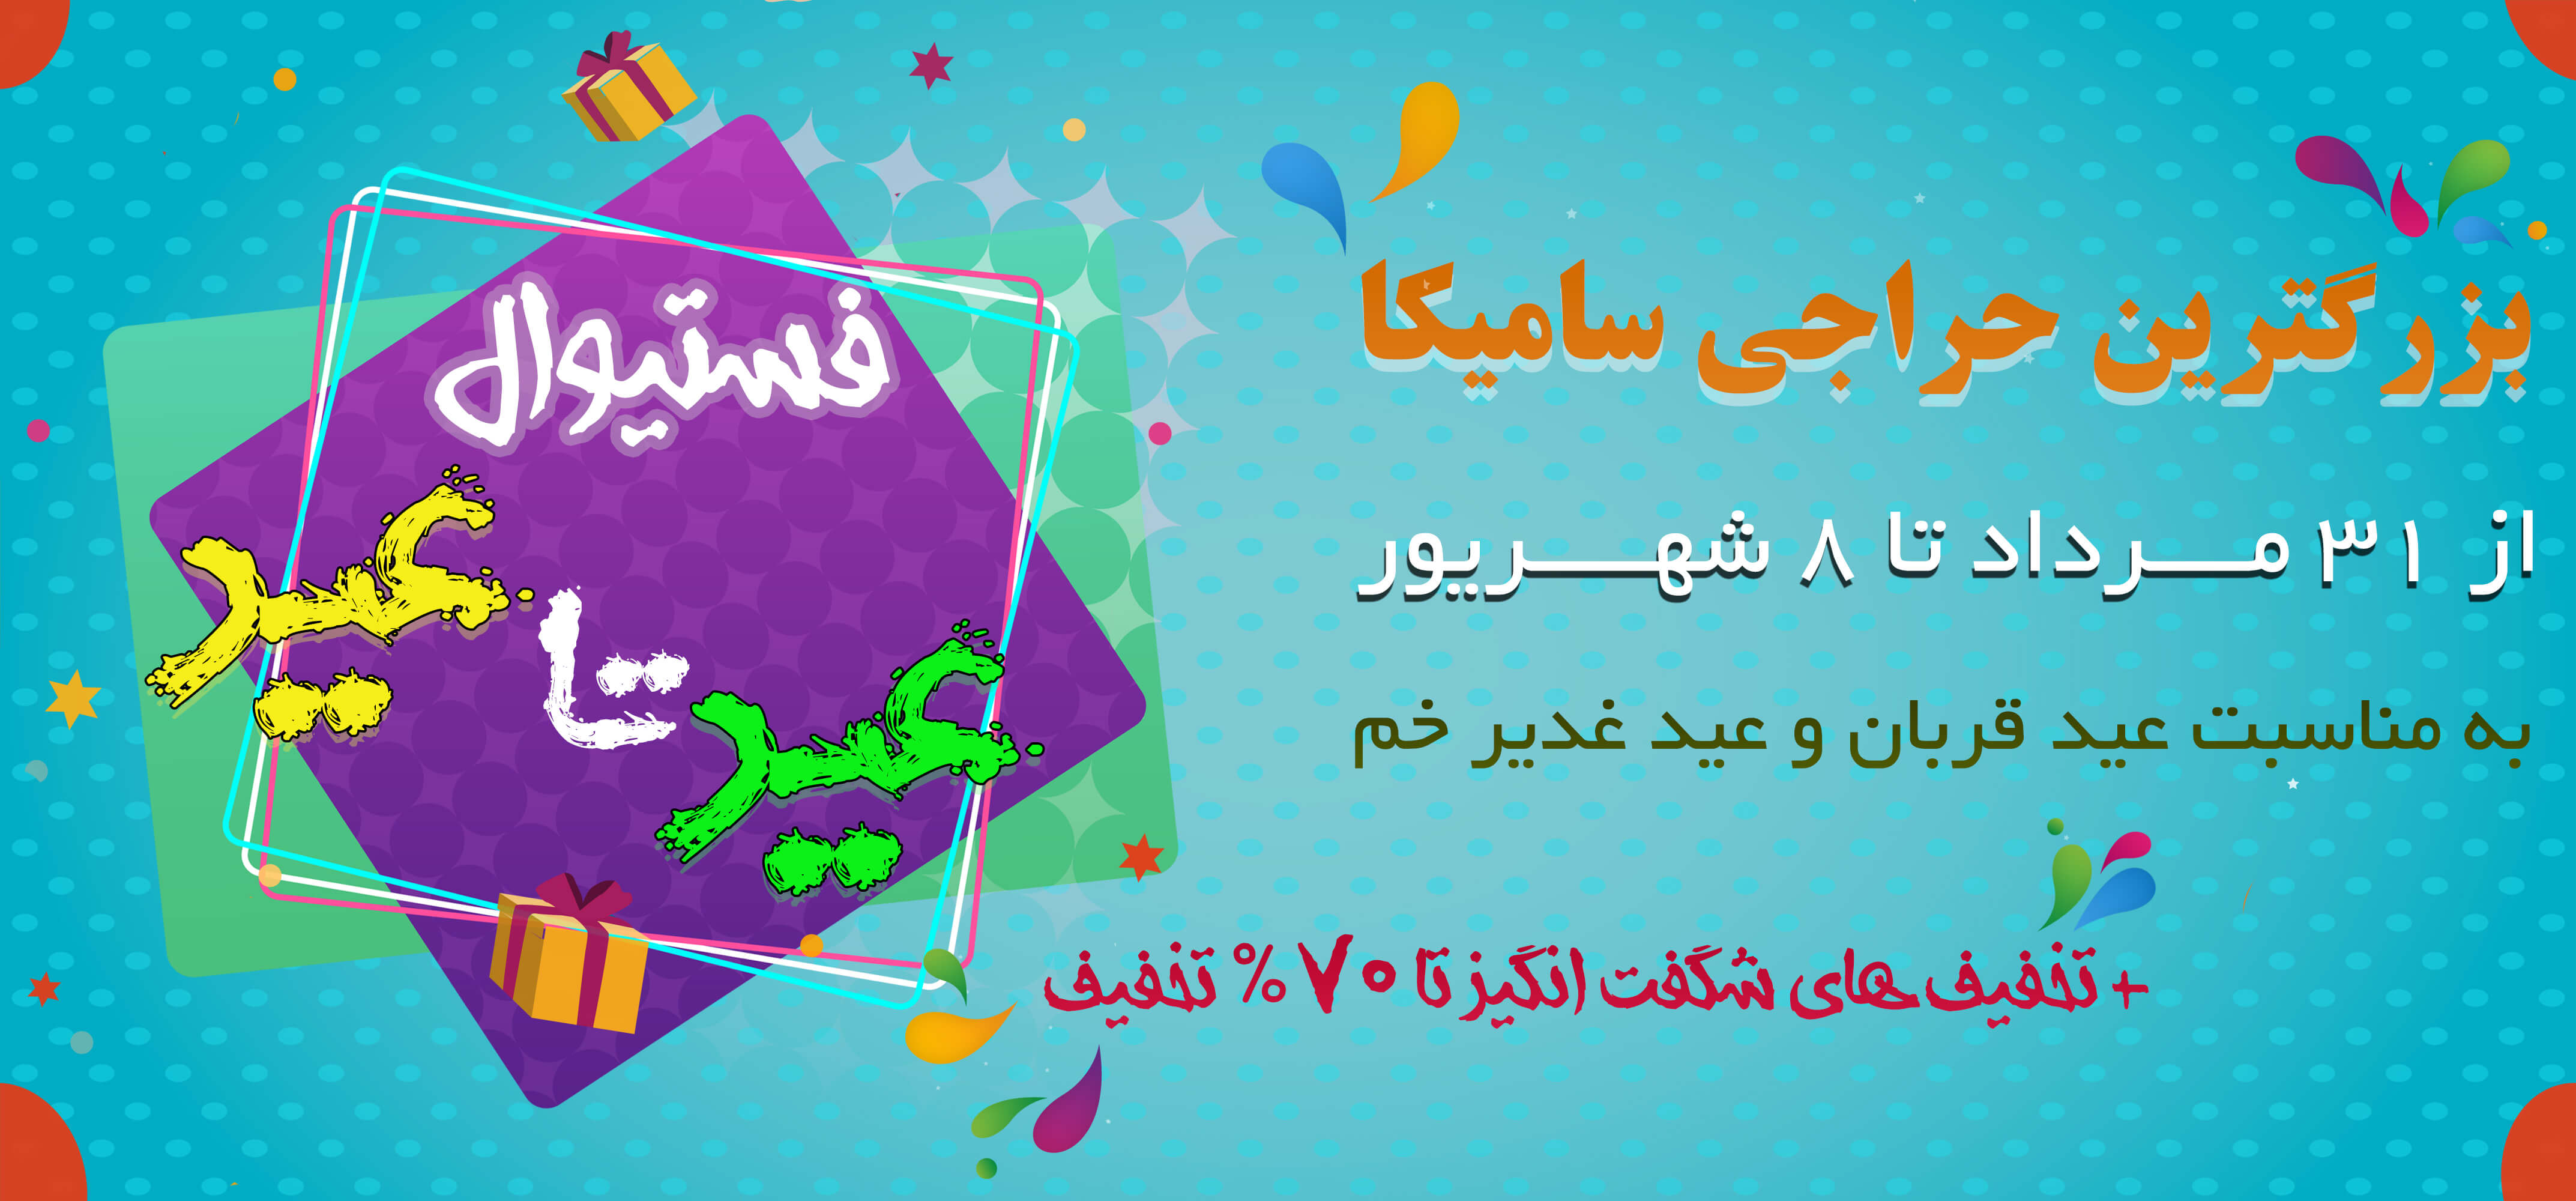 فستیوال فروش عید تا عید سامیکا